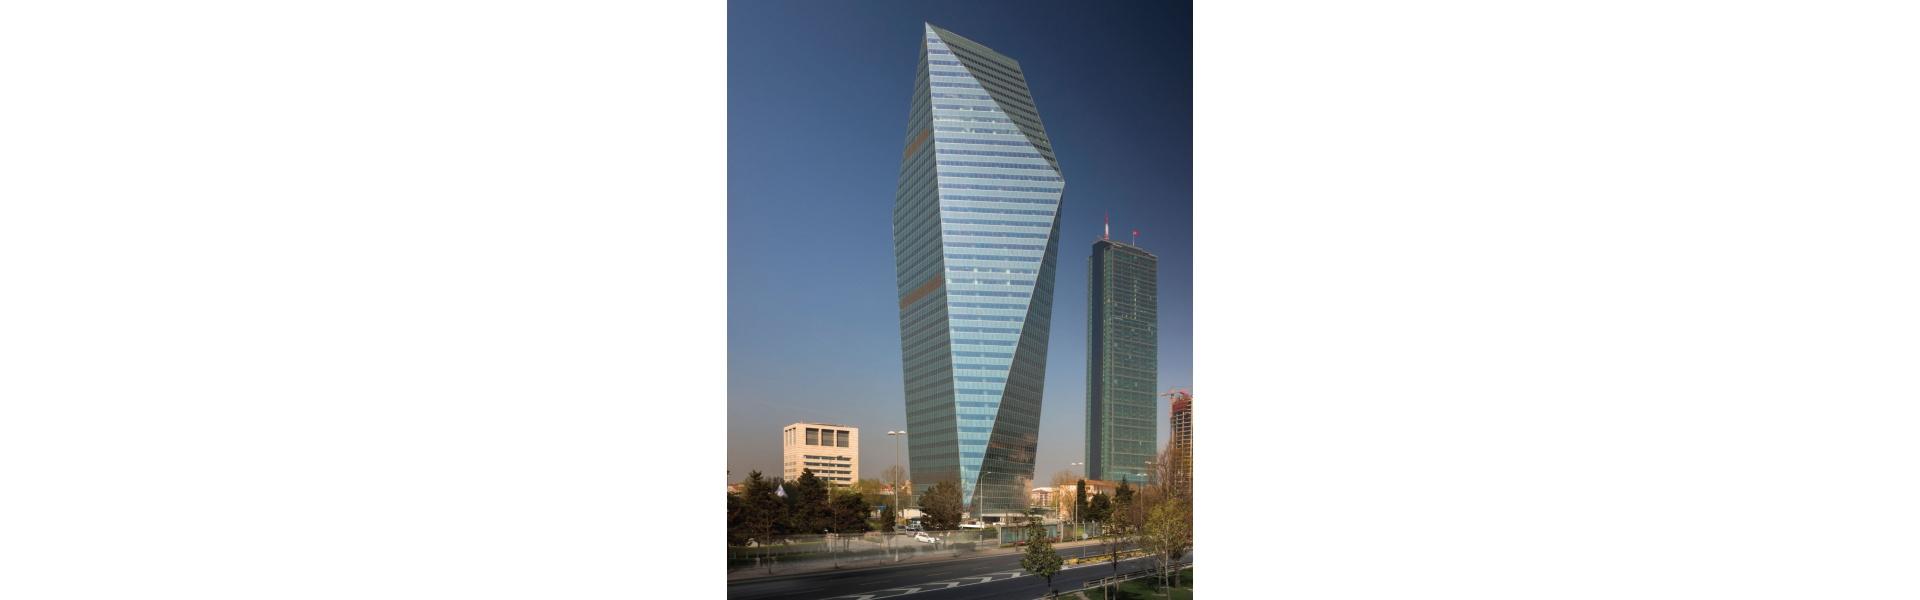 Crystal Tower 003 Fernando Guerra